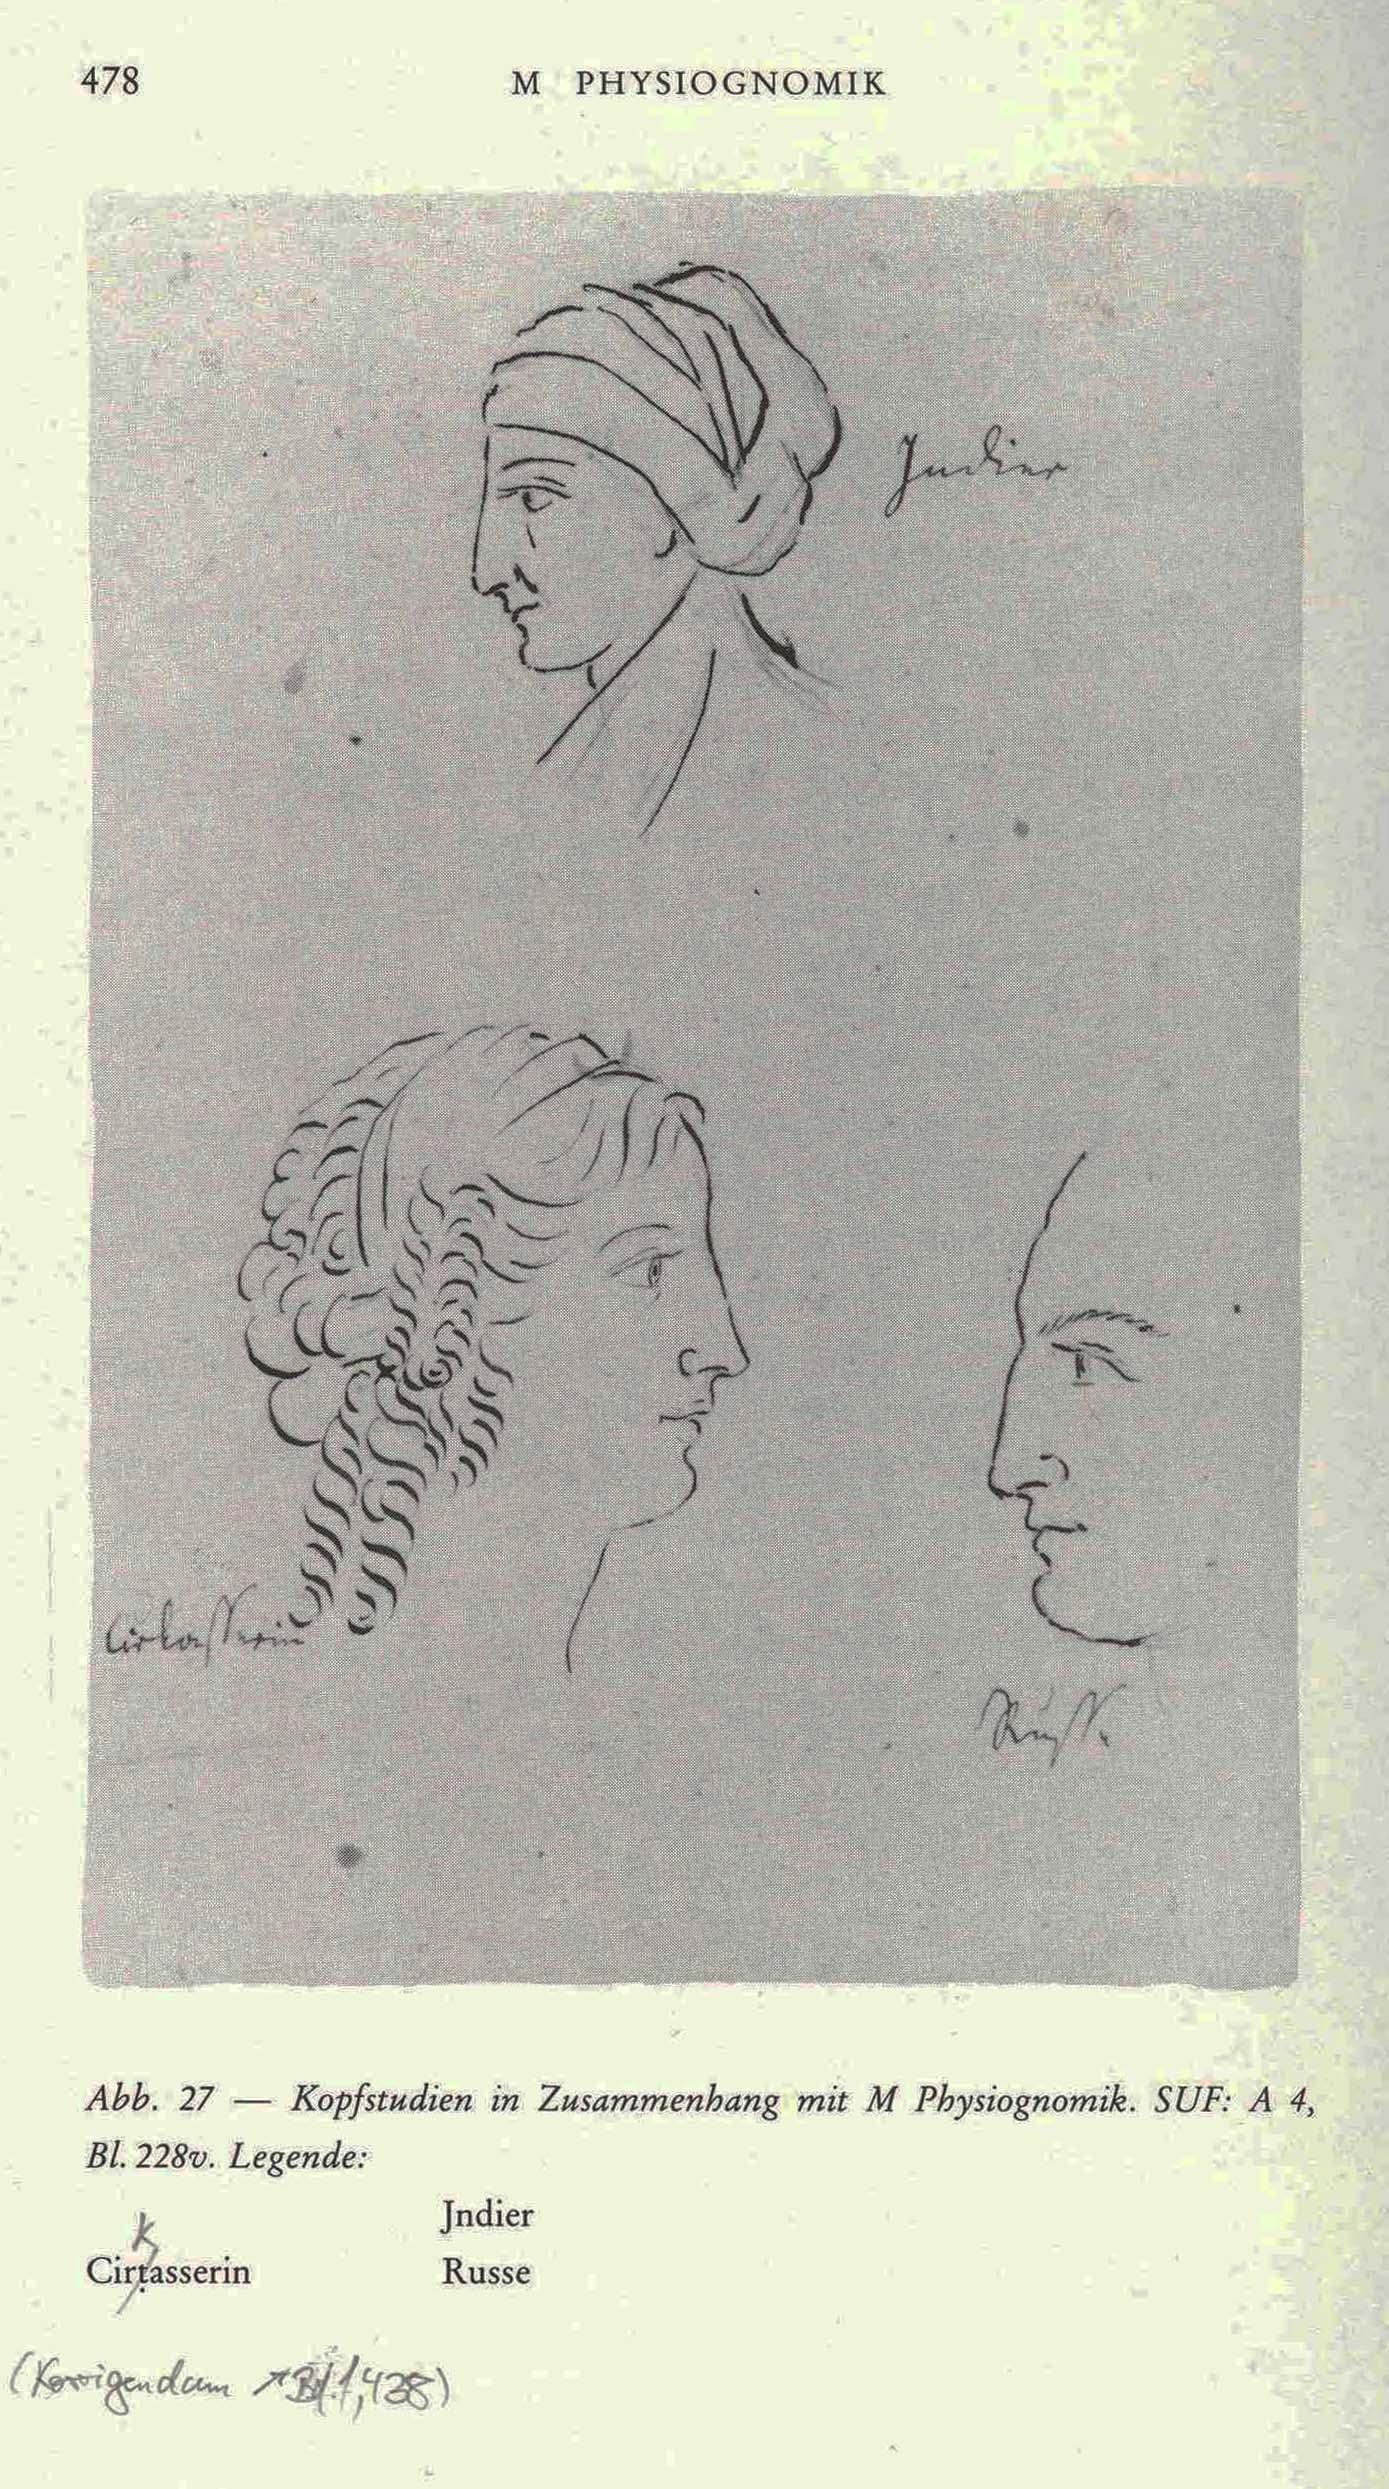 Karoline von Günderrode, Kopfstudien, 1805